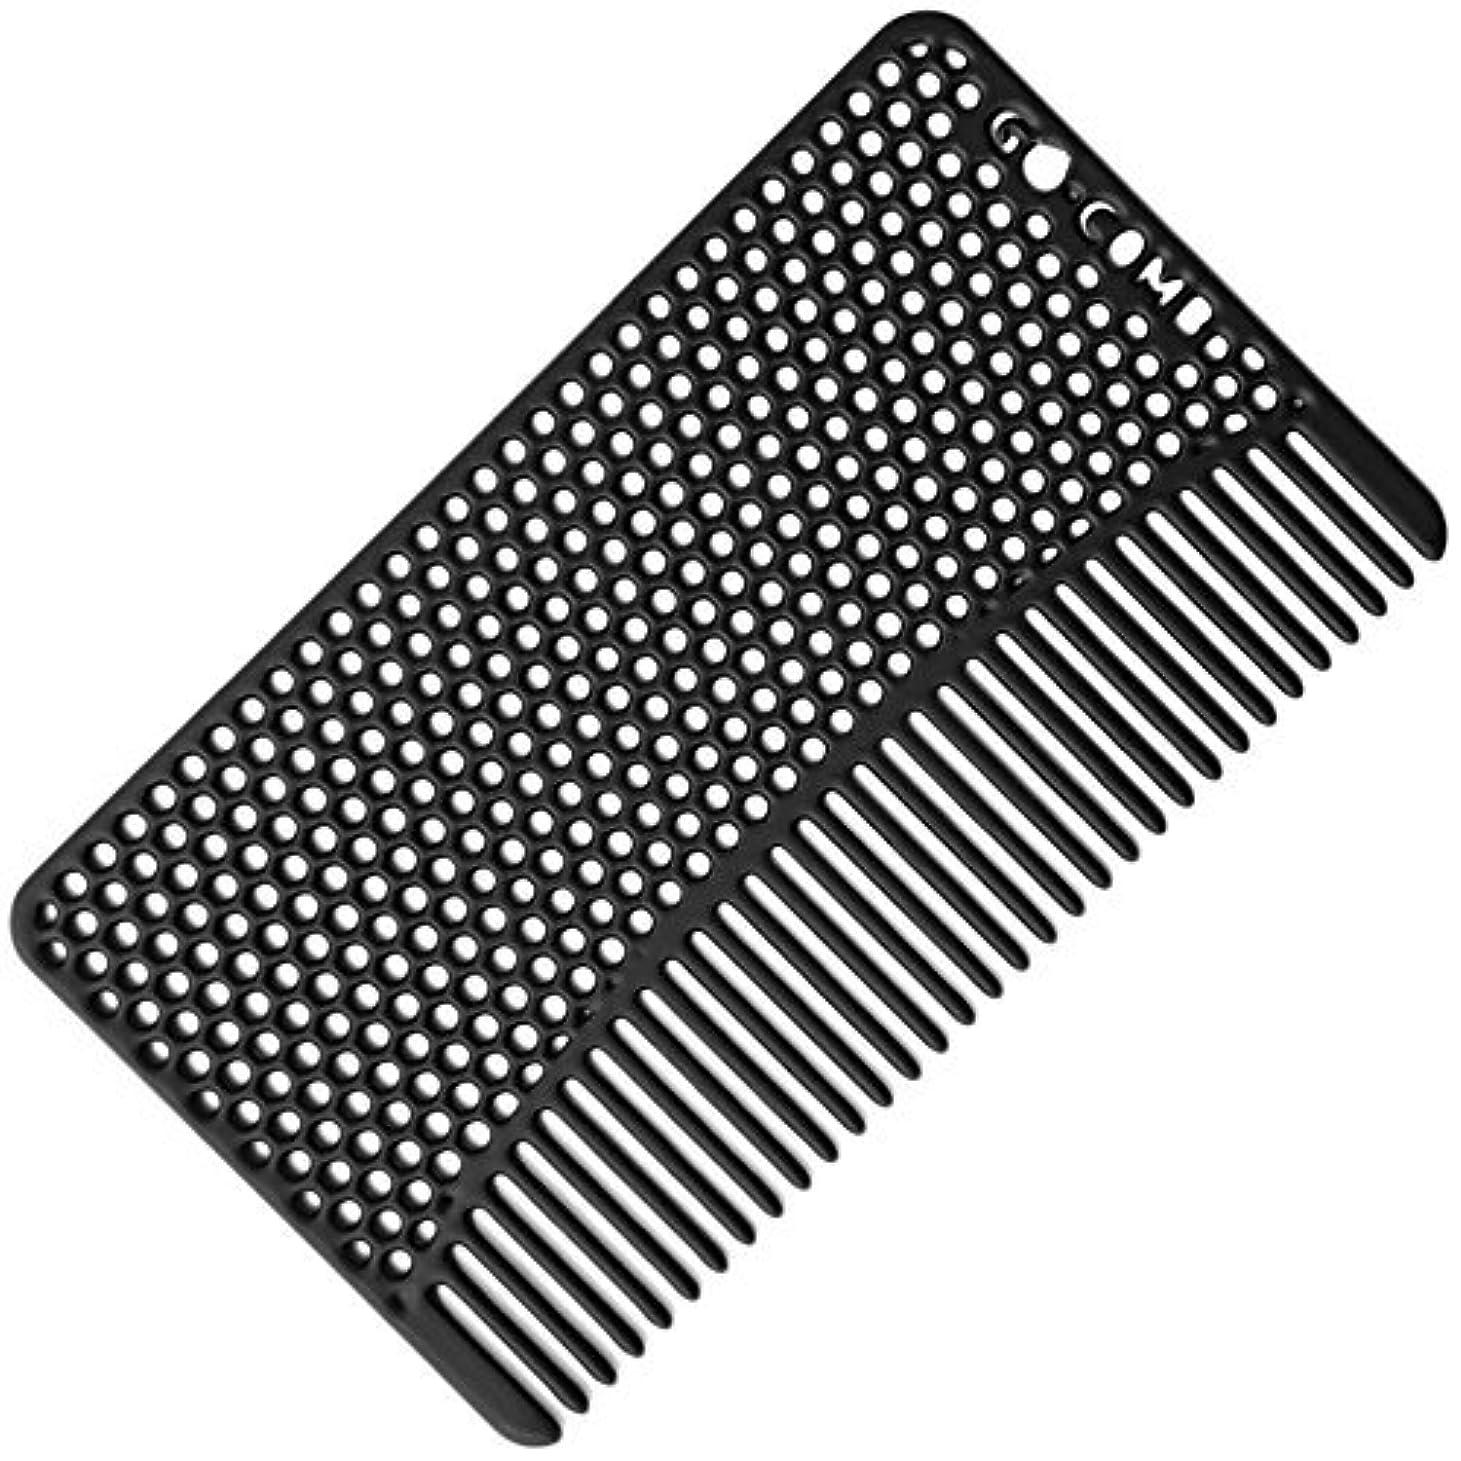 ぬれた電子レンジ性的Go-Comb - Wallet Comb - Sleek, Durable Stainless Steel Hair and Beard Comb - Black [並行輸入品]